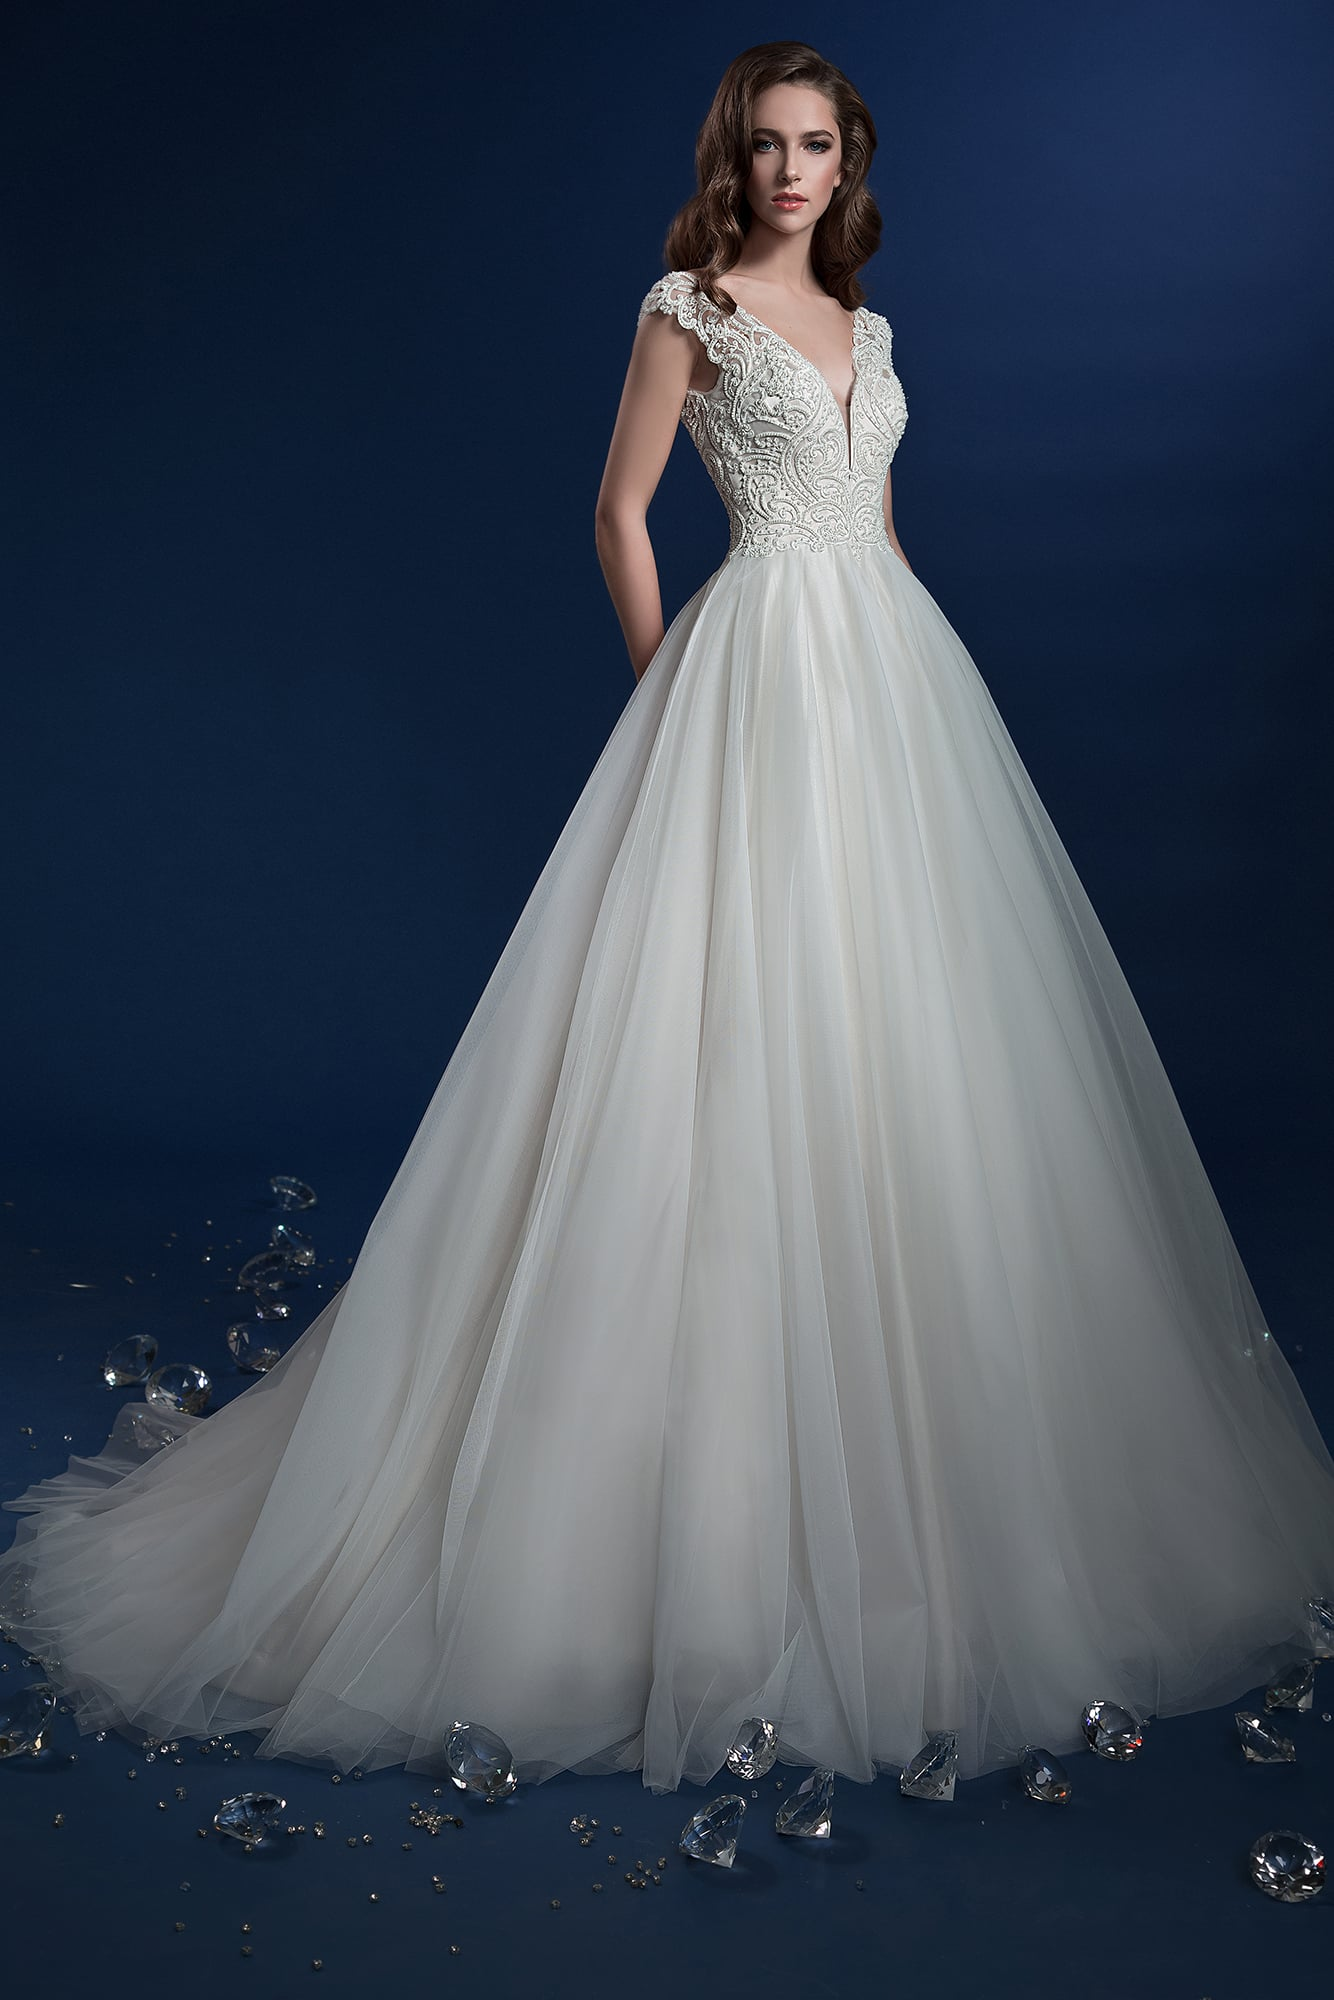 2b3f867196e ▷▷Элегантное свадебное платье с кружевным корсетом и пышным низом со  шлейфом. ❤ Более